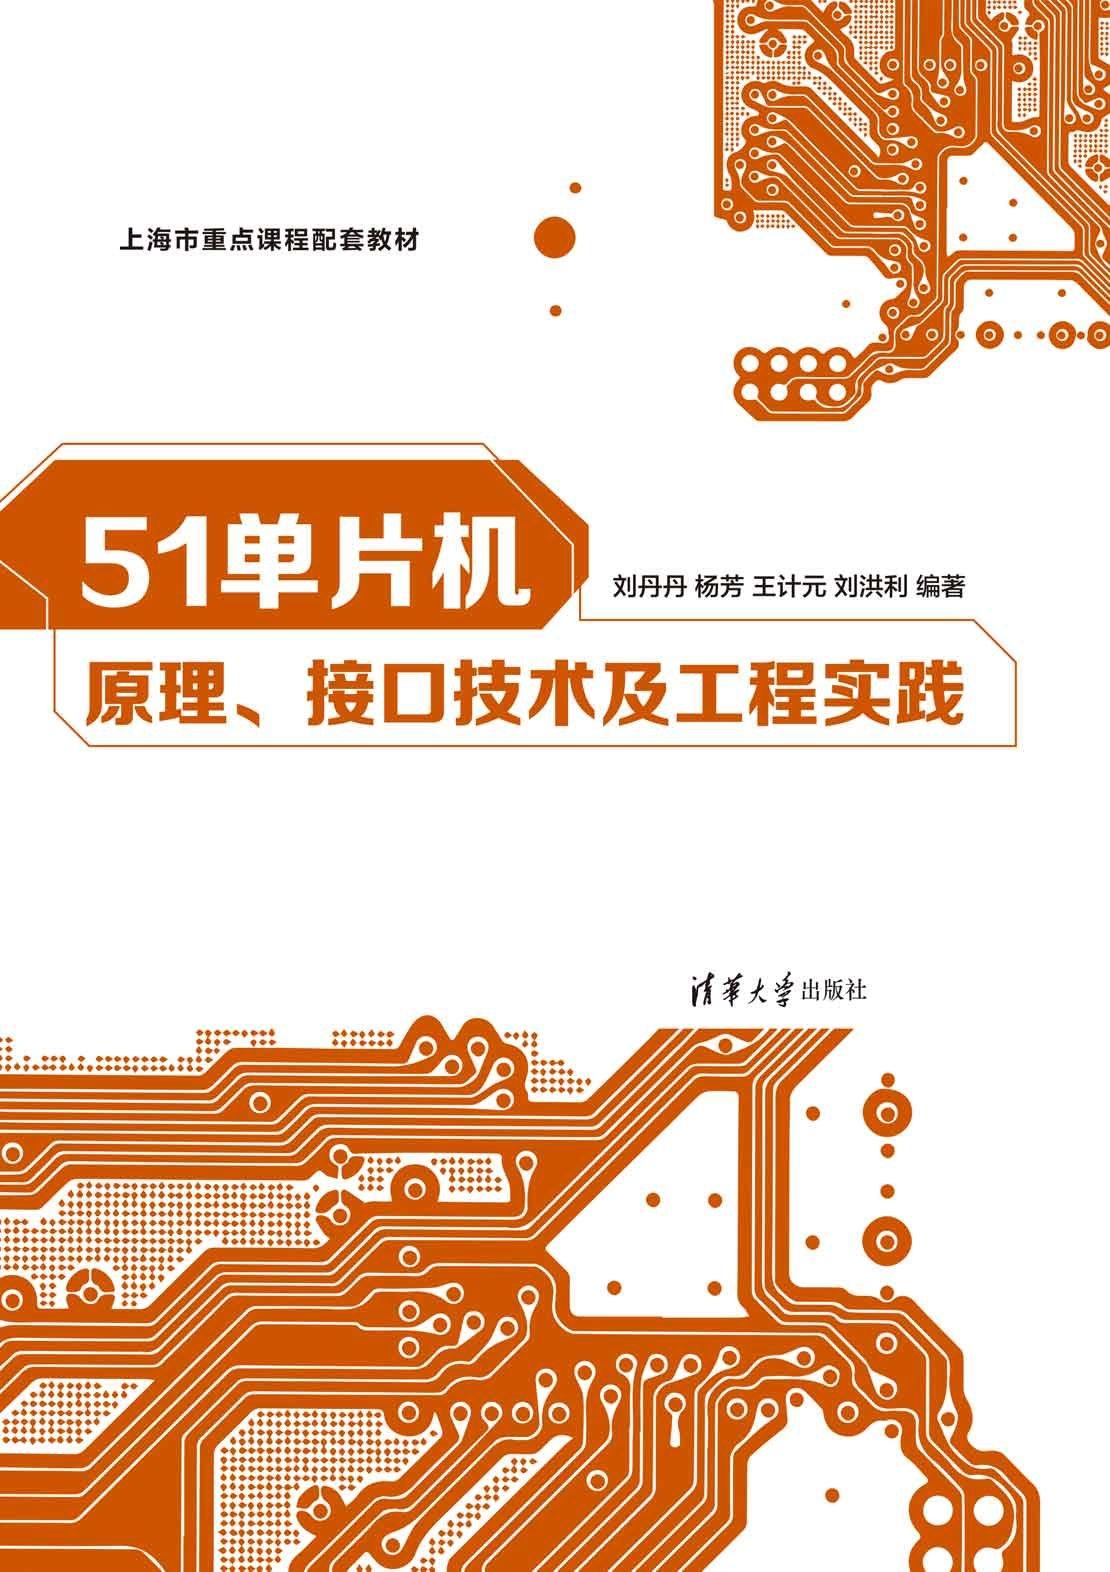 51單片機原理、接口技術及工程實踐-preview-1